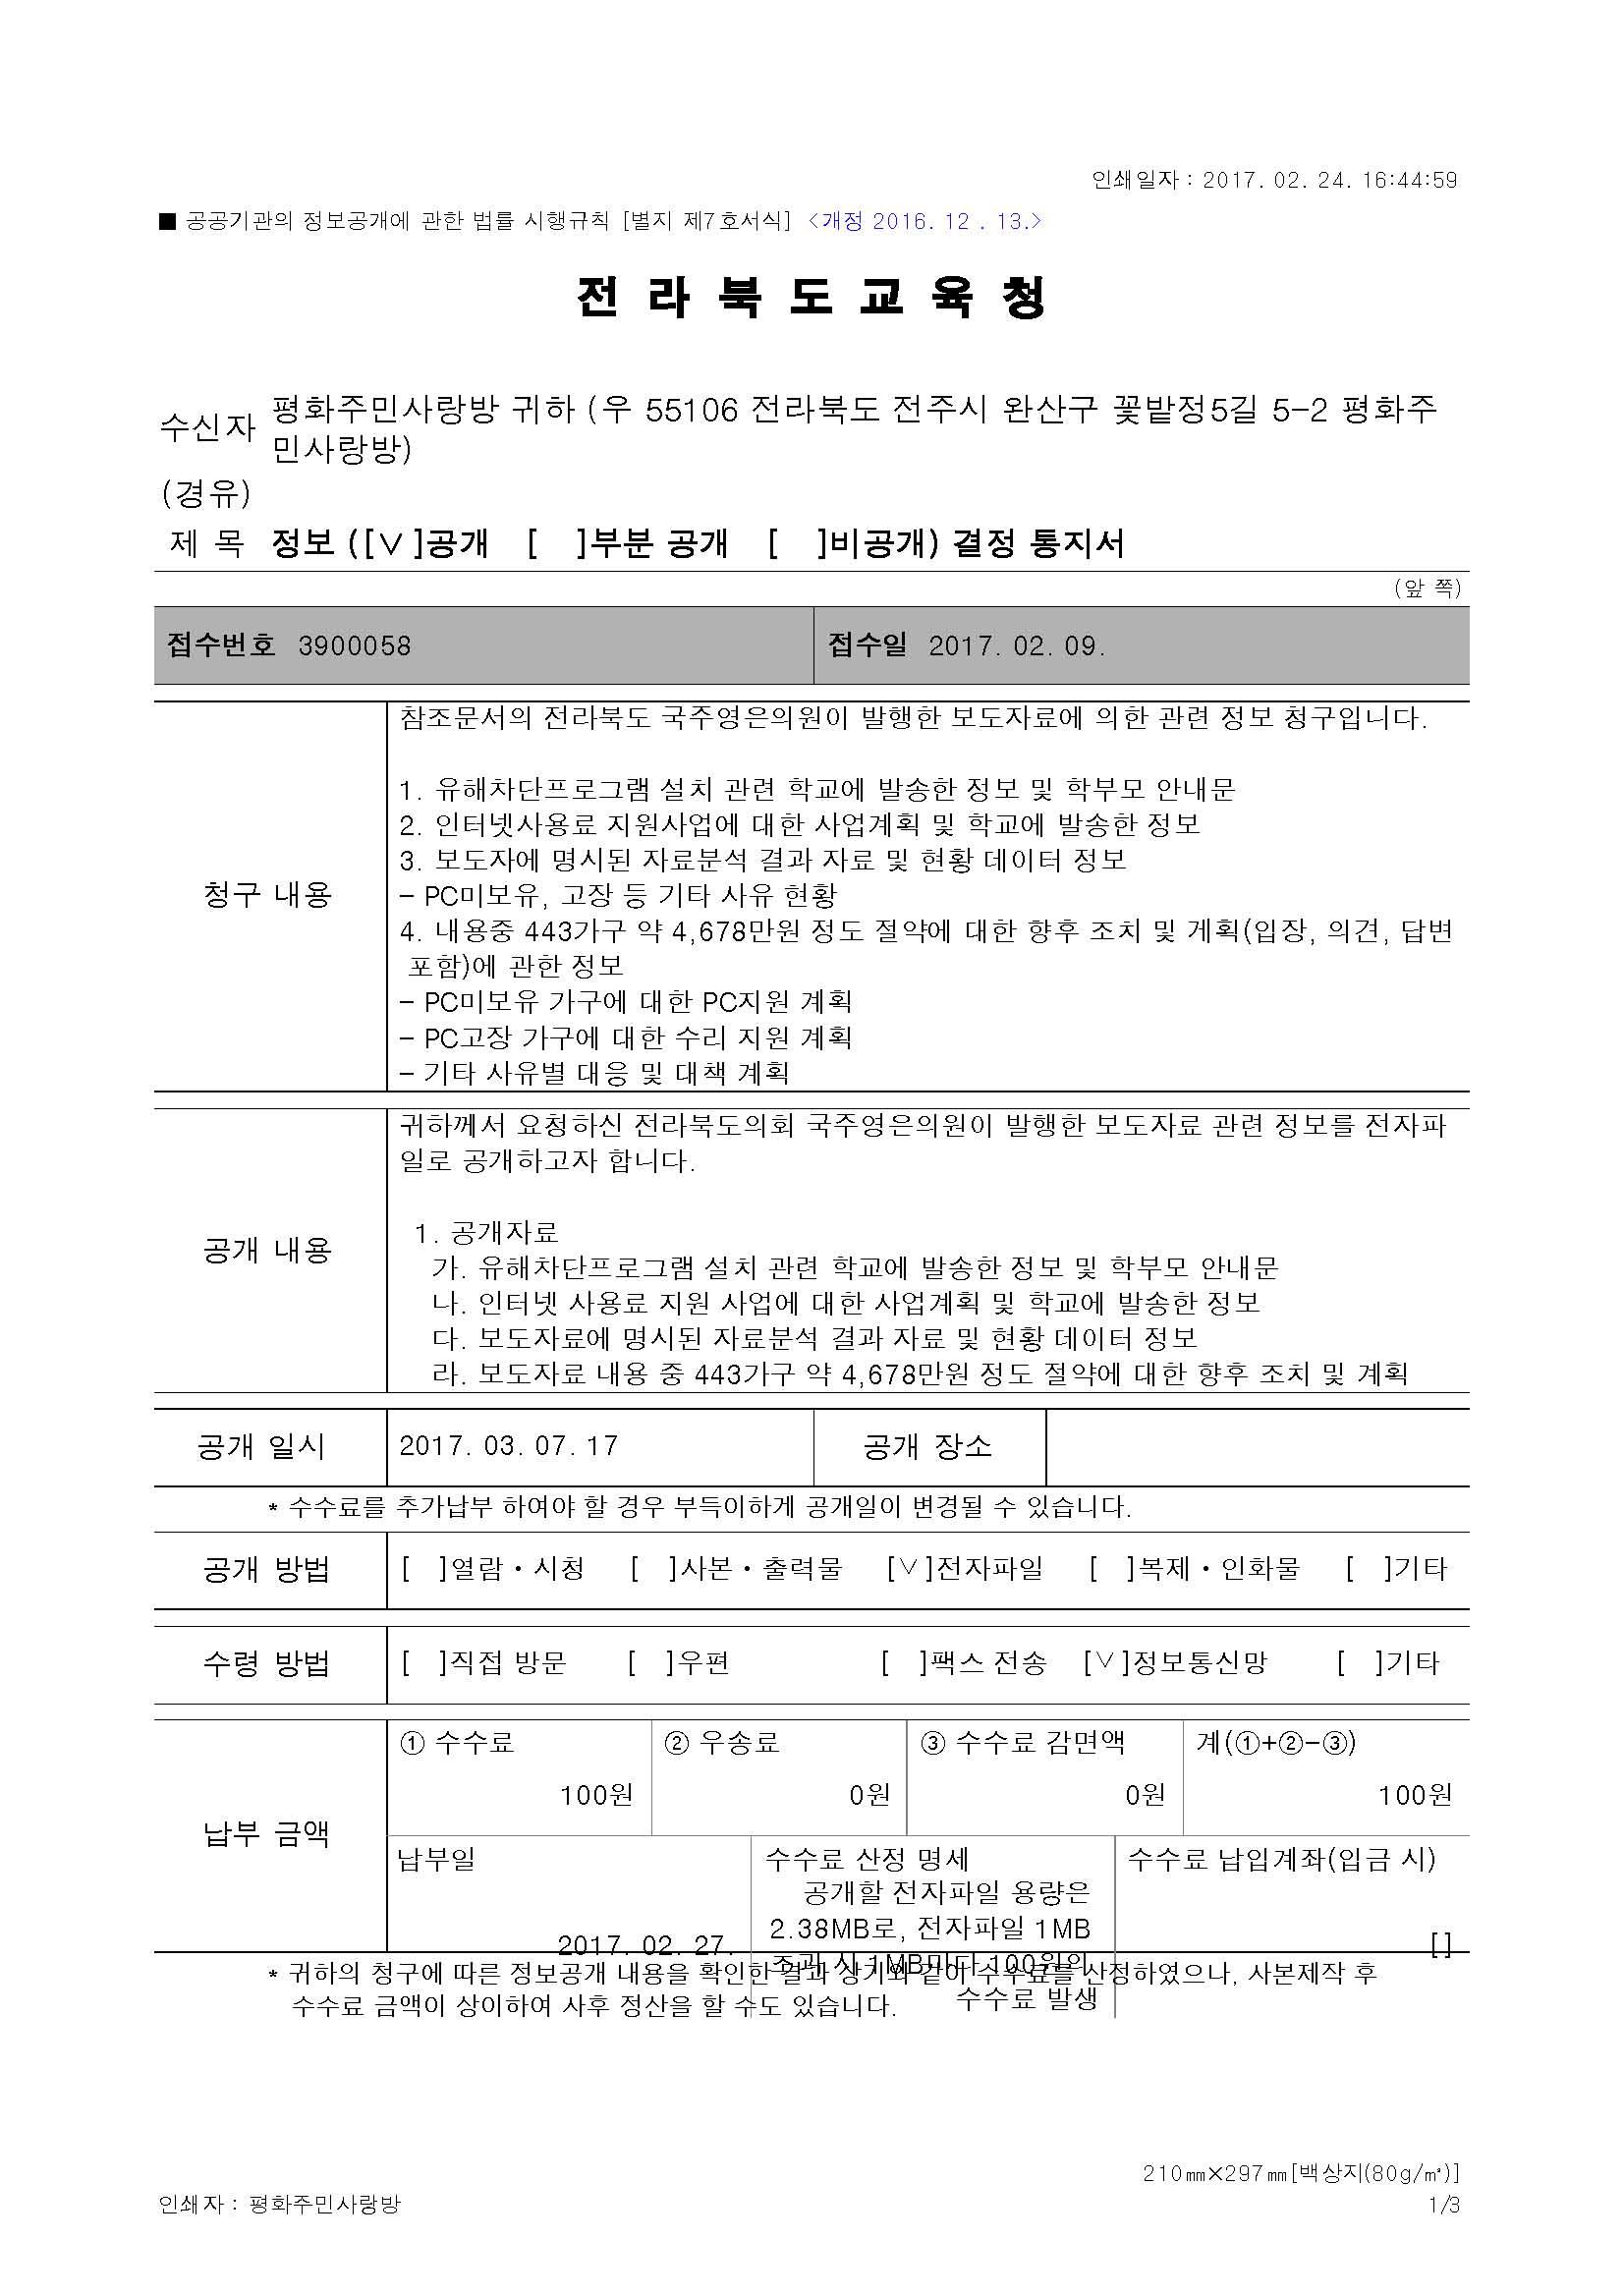 전북도교육청 미래인재과-3208(2017.2.21)_페이지_1.jpg